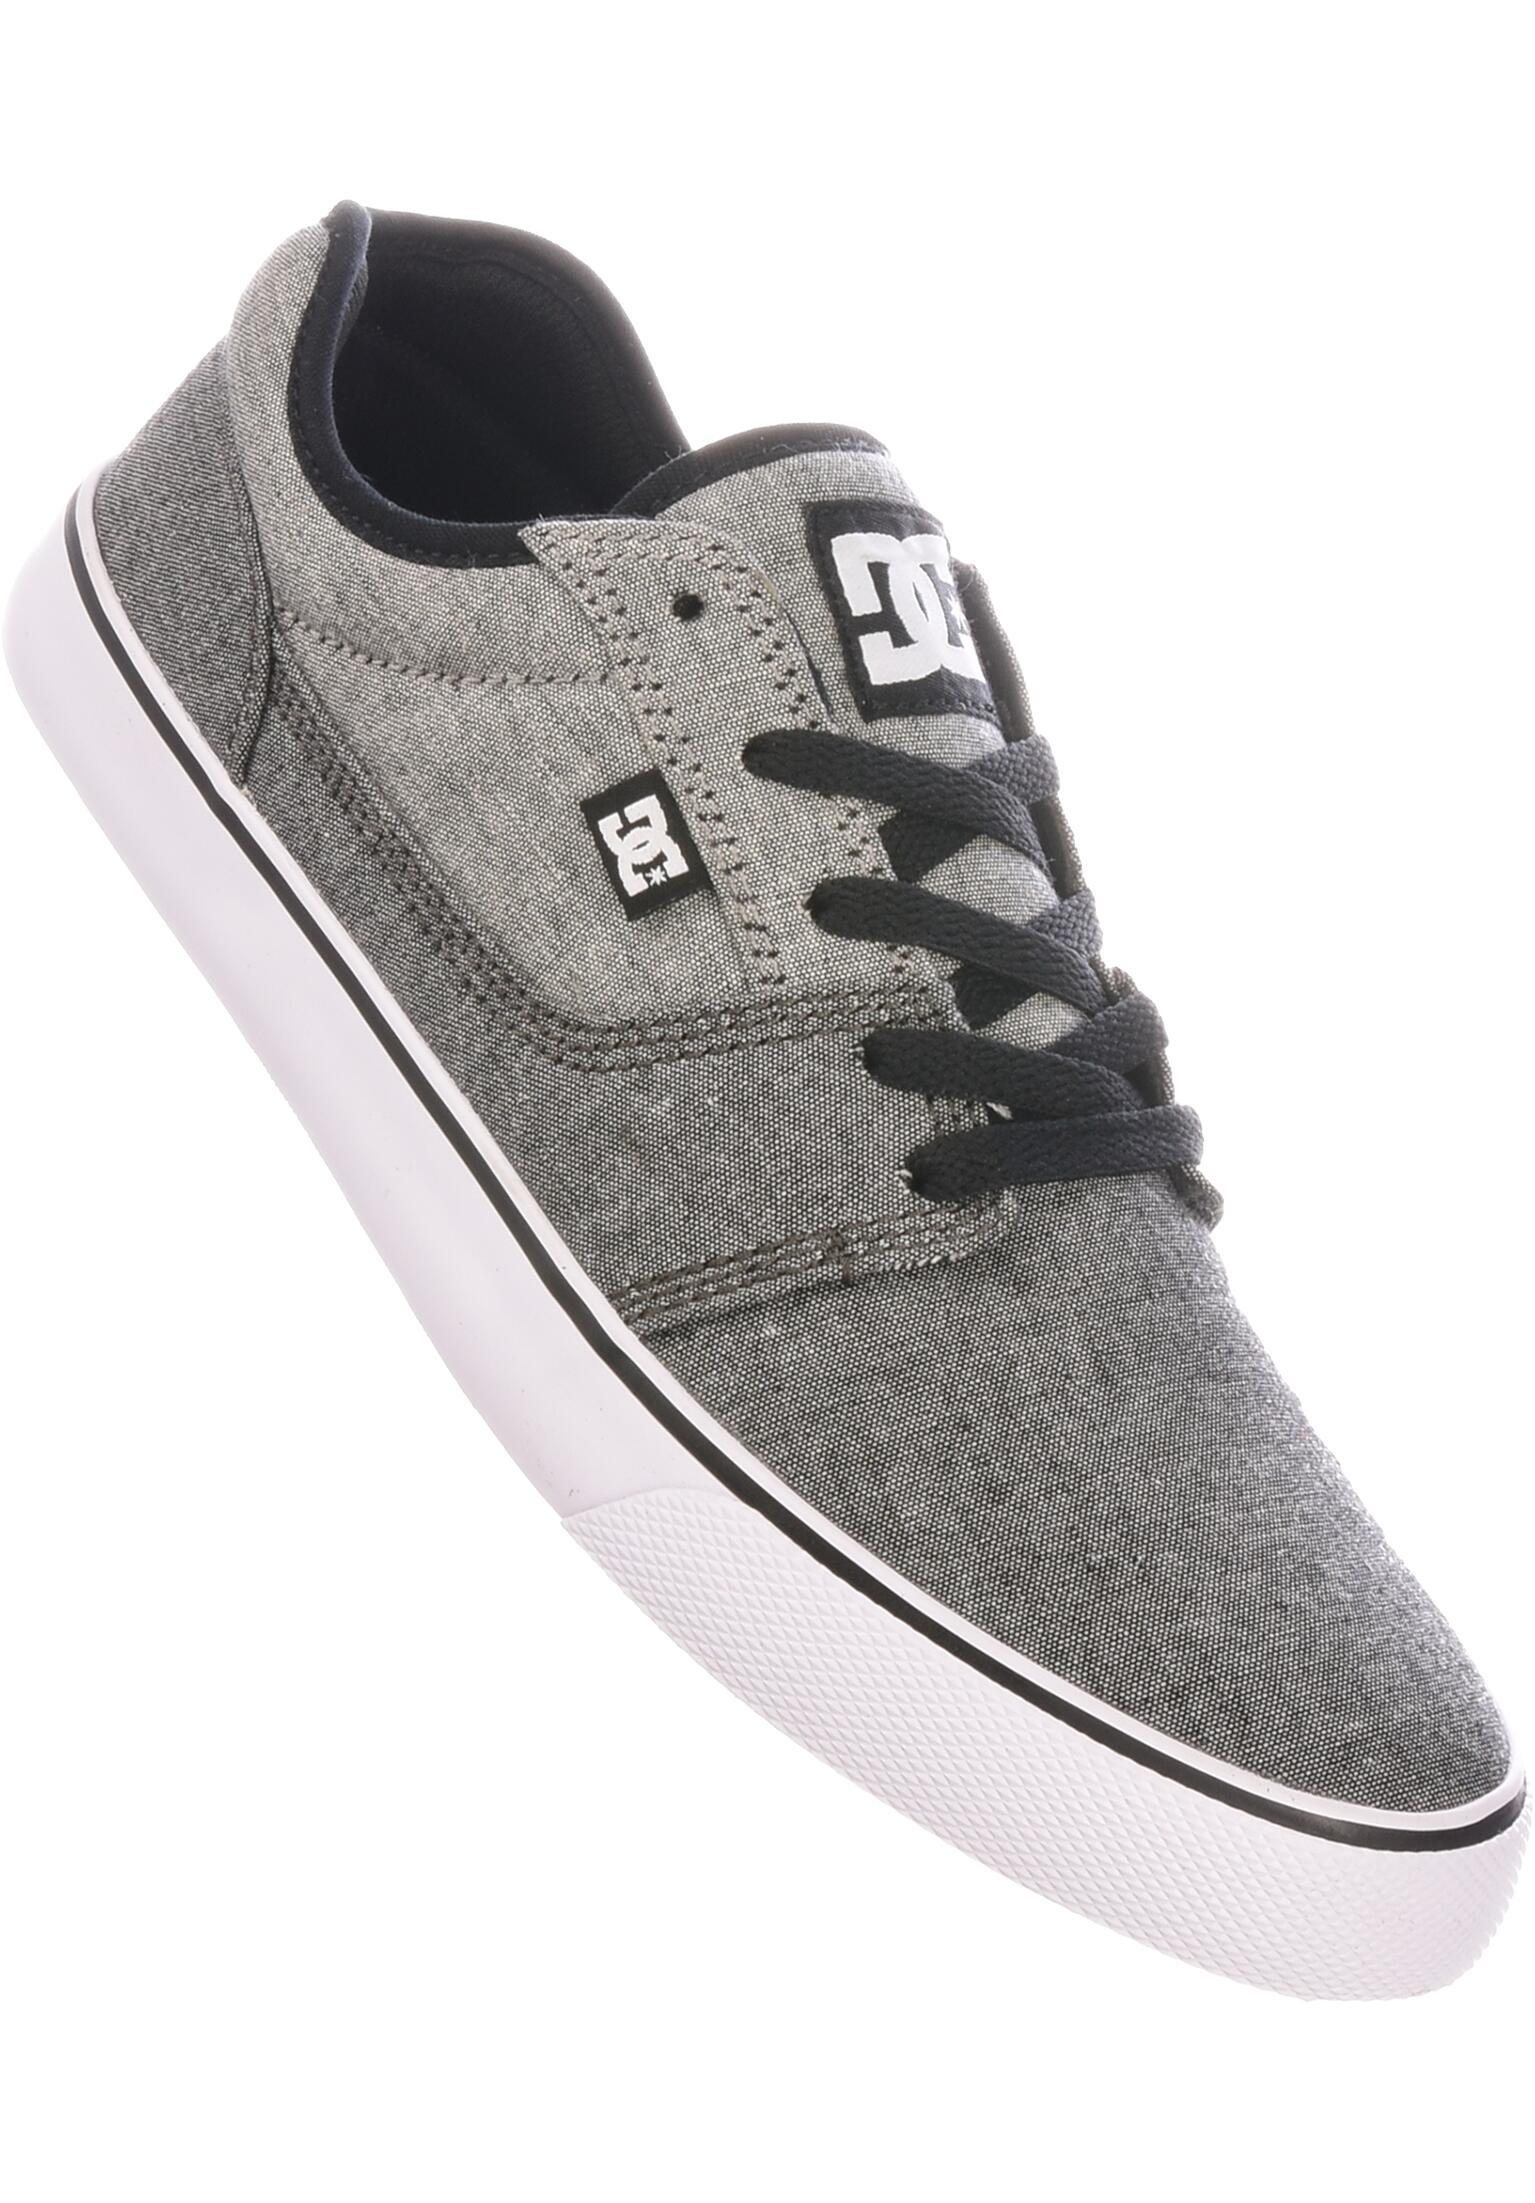 Tonik TX SE DC Shoes All Shoes in black